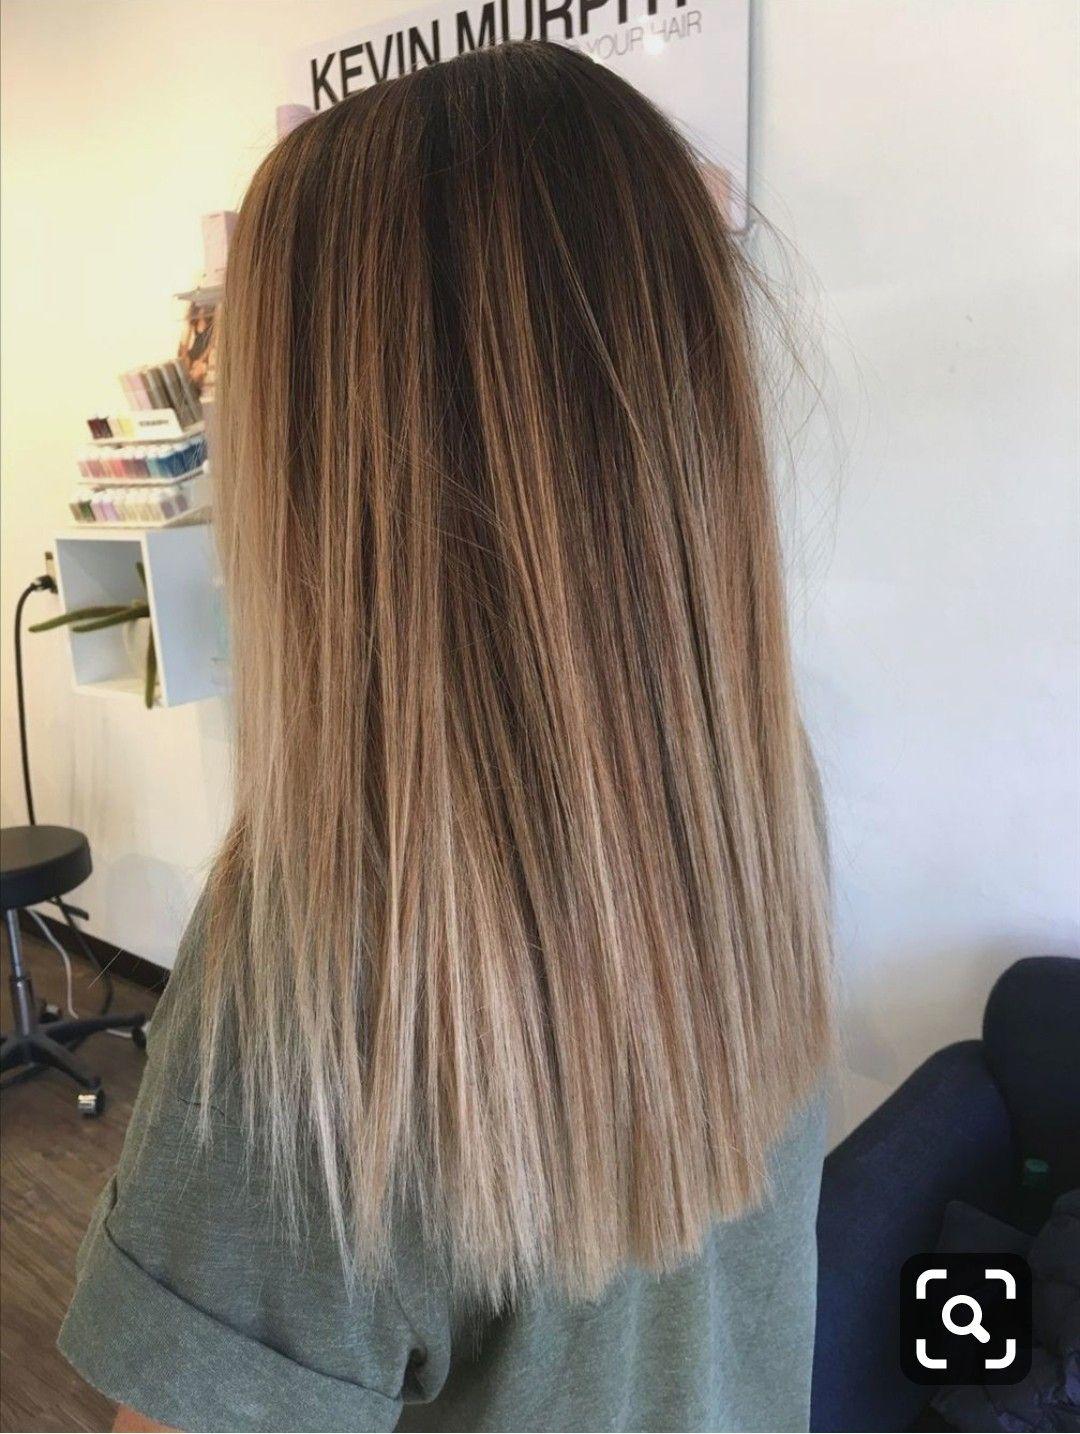 Pin By Alyssa Felty On Hair Balayage Straight Hair Hair Styles Medium Length Hair Straight